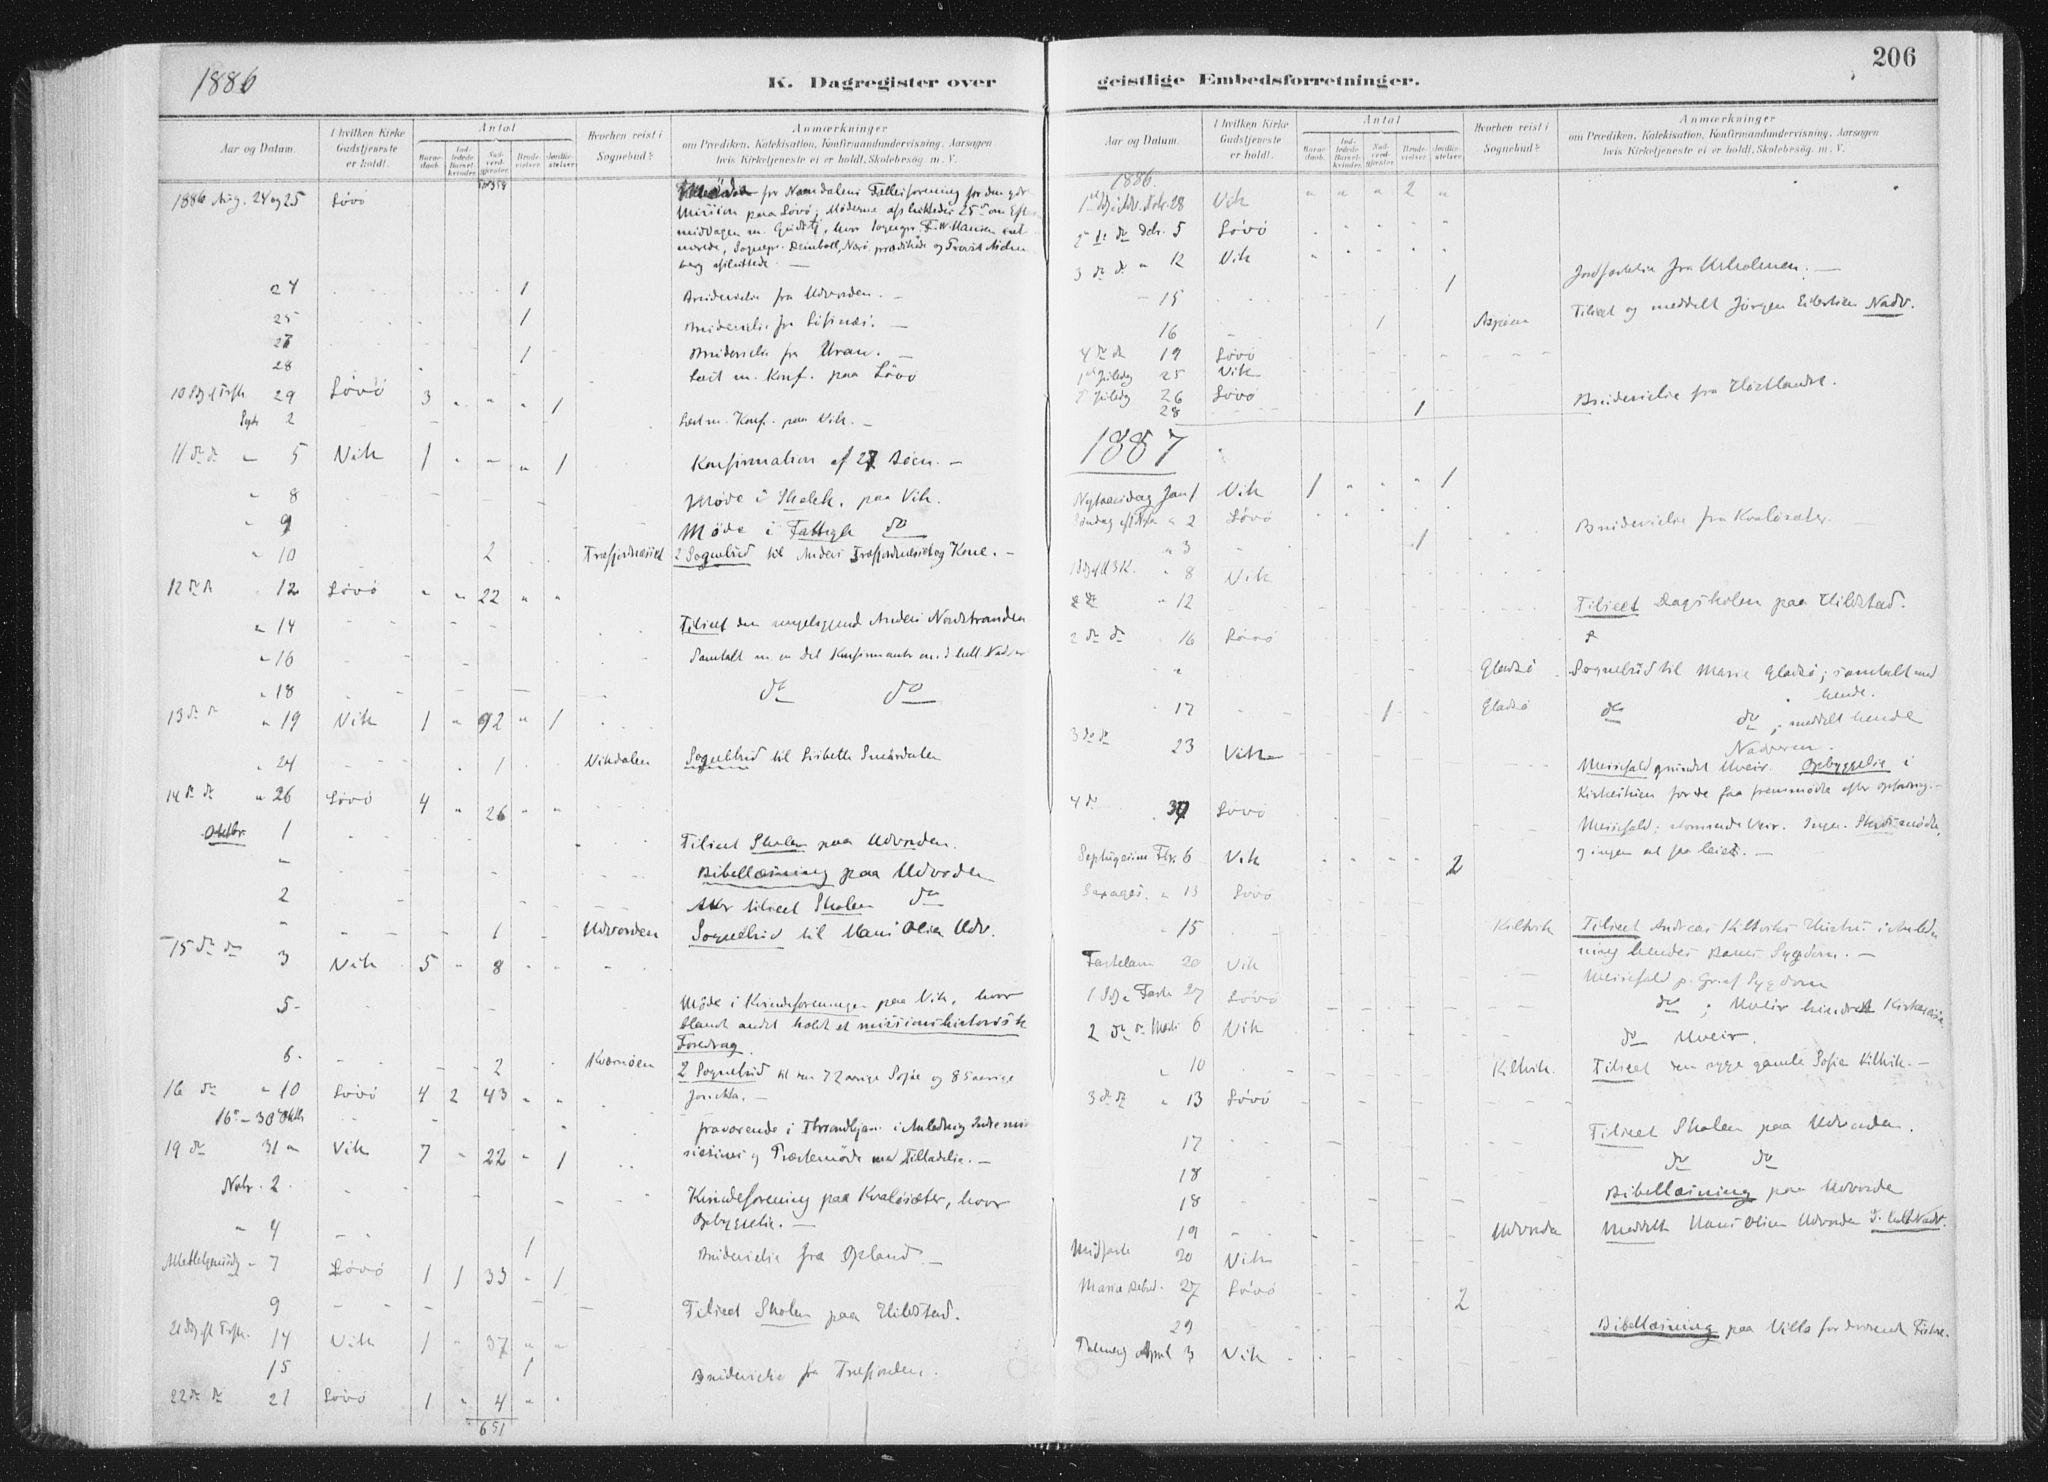 SAT, Ministerialprotokoller, klokkerbøker og fødselsregistre - Nord-Trøndelag, 771/L0597: Ministerialbok nr. 771A04, 1885-1910, s. 206